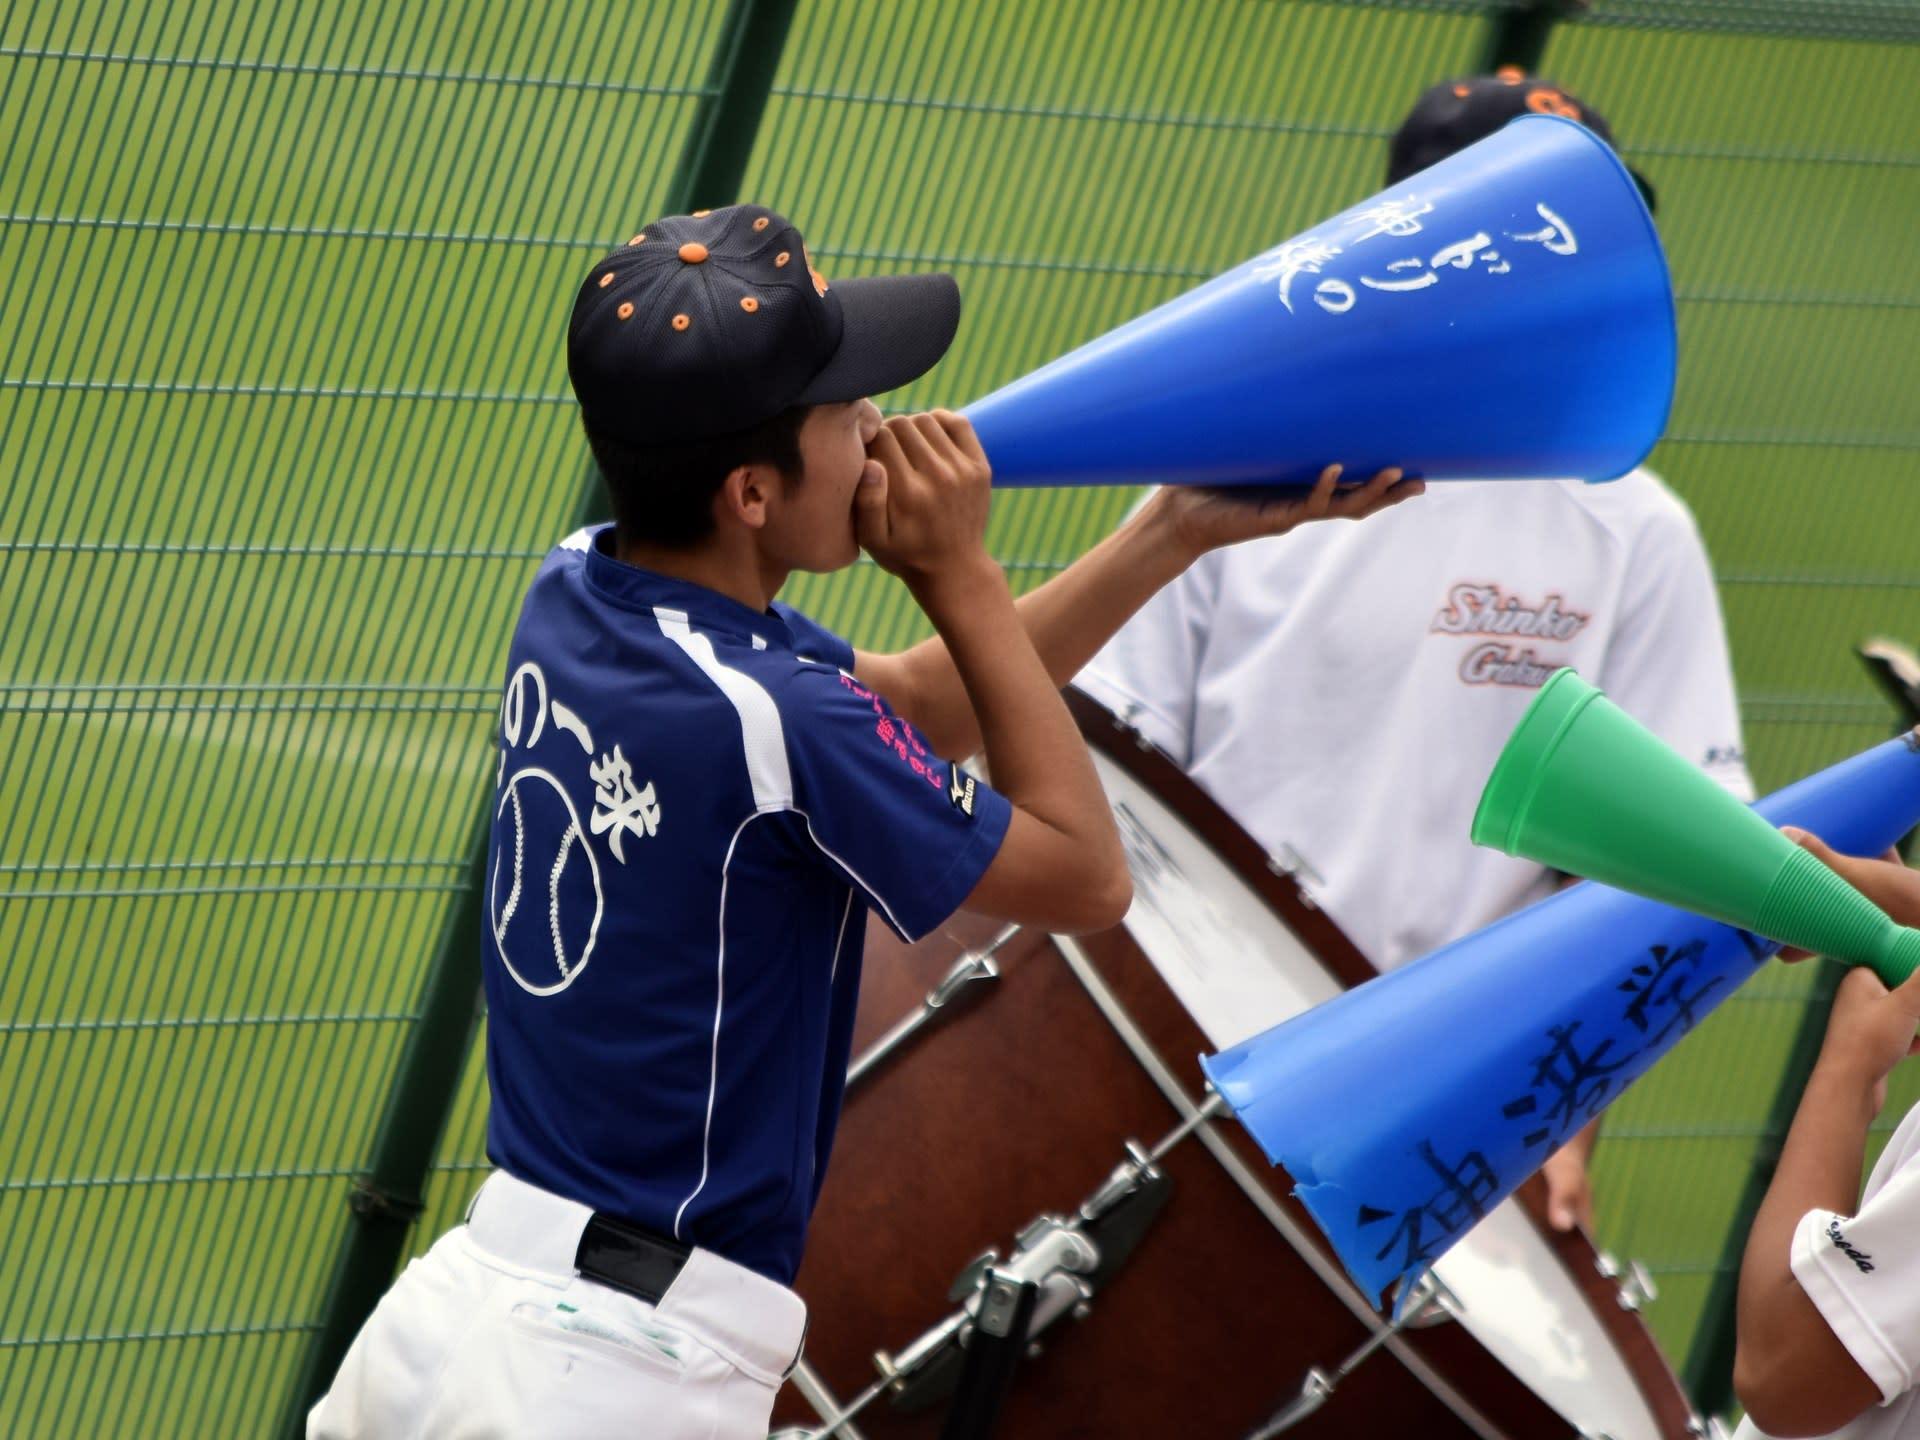 2017 秋季高校野球 兵庫県大会2回戦 神港学園vs滝川第二 前半戦